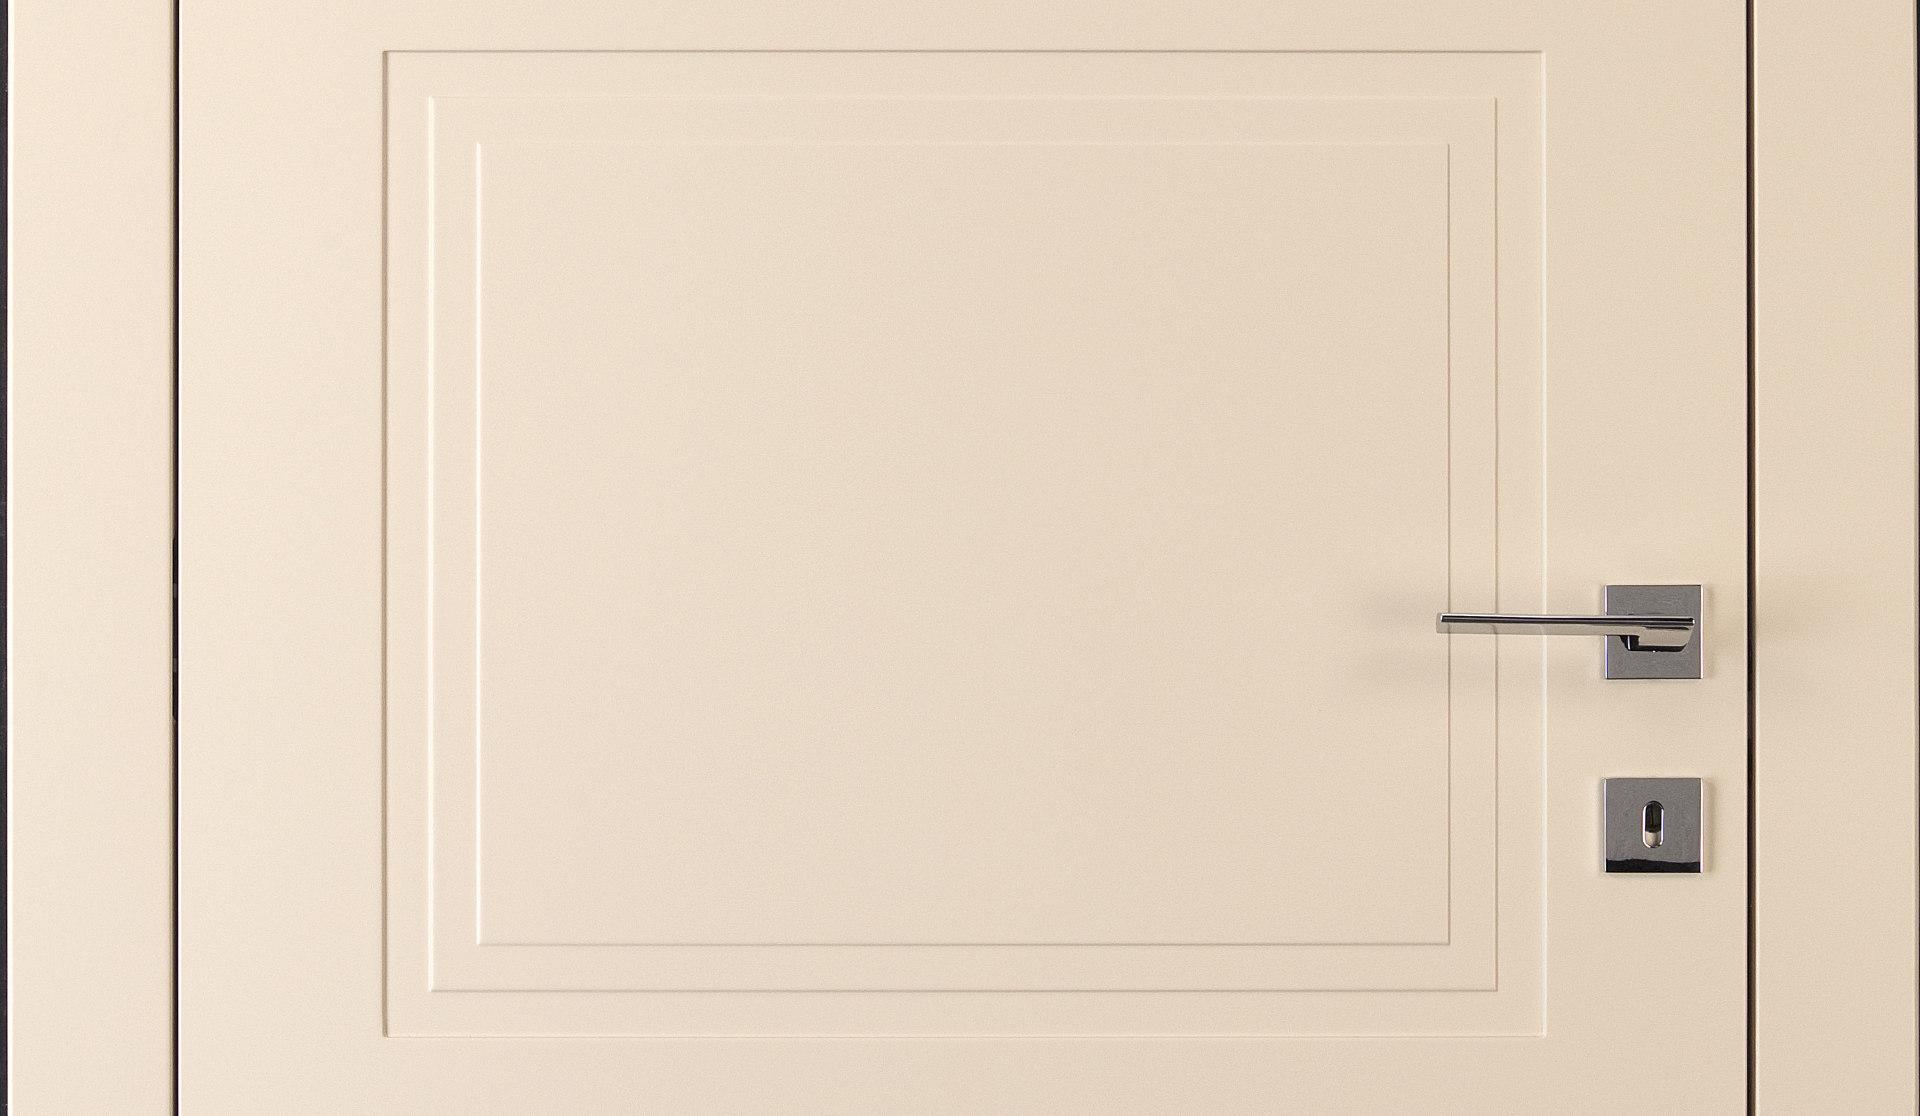 Porta tamburata in legno per interni zanini e melchiori verona - Porta tamburata legno ...